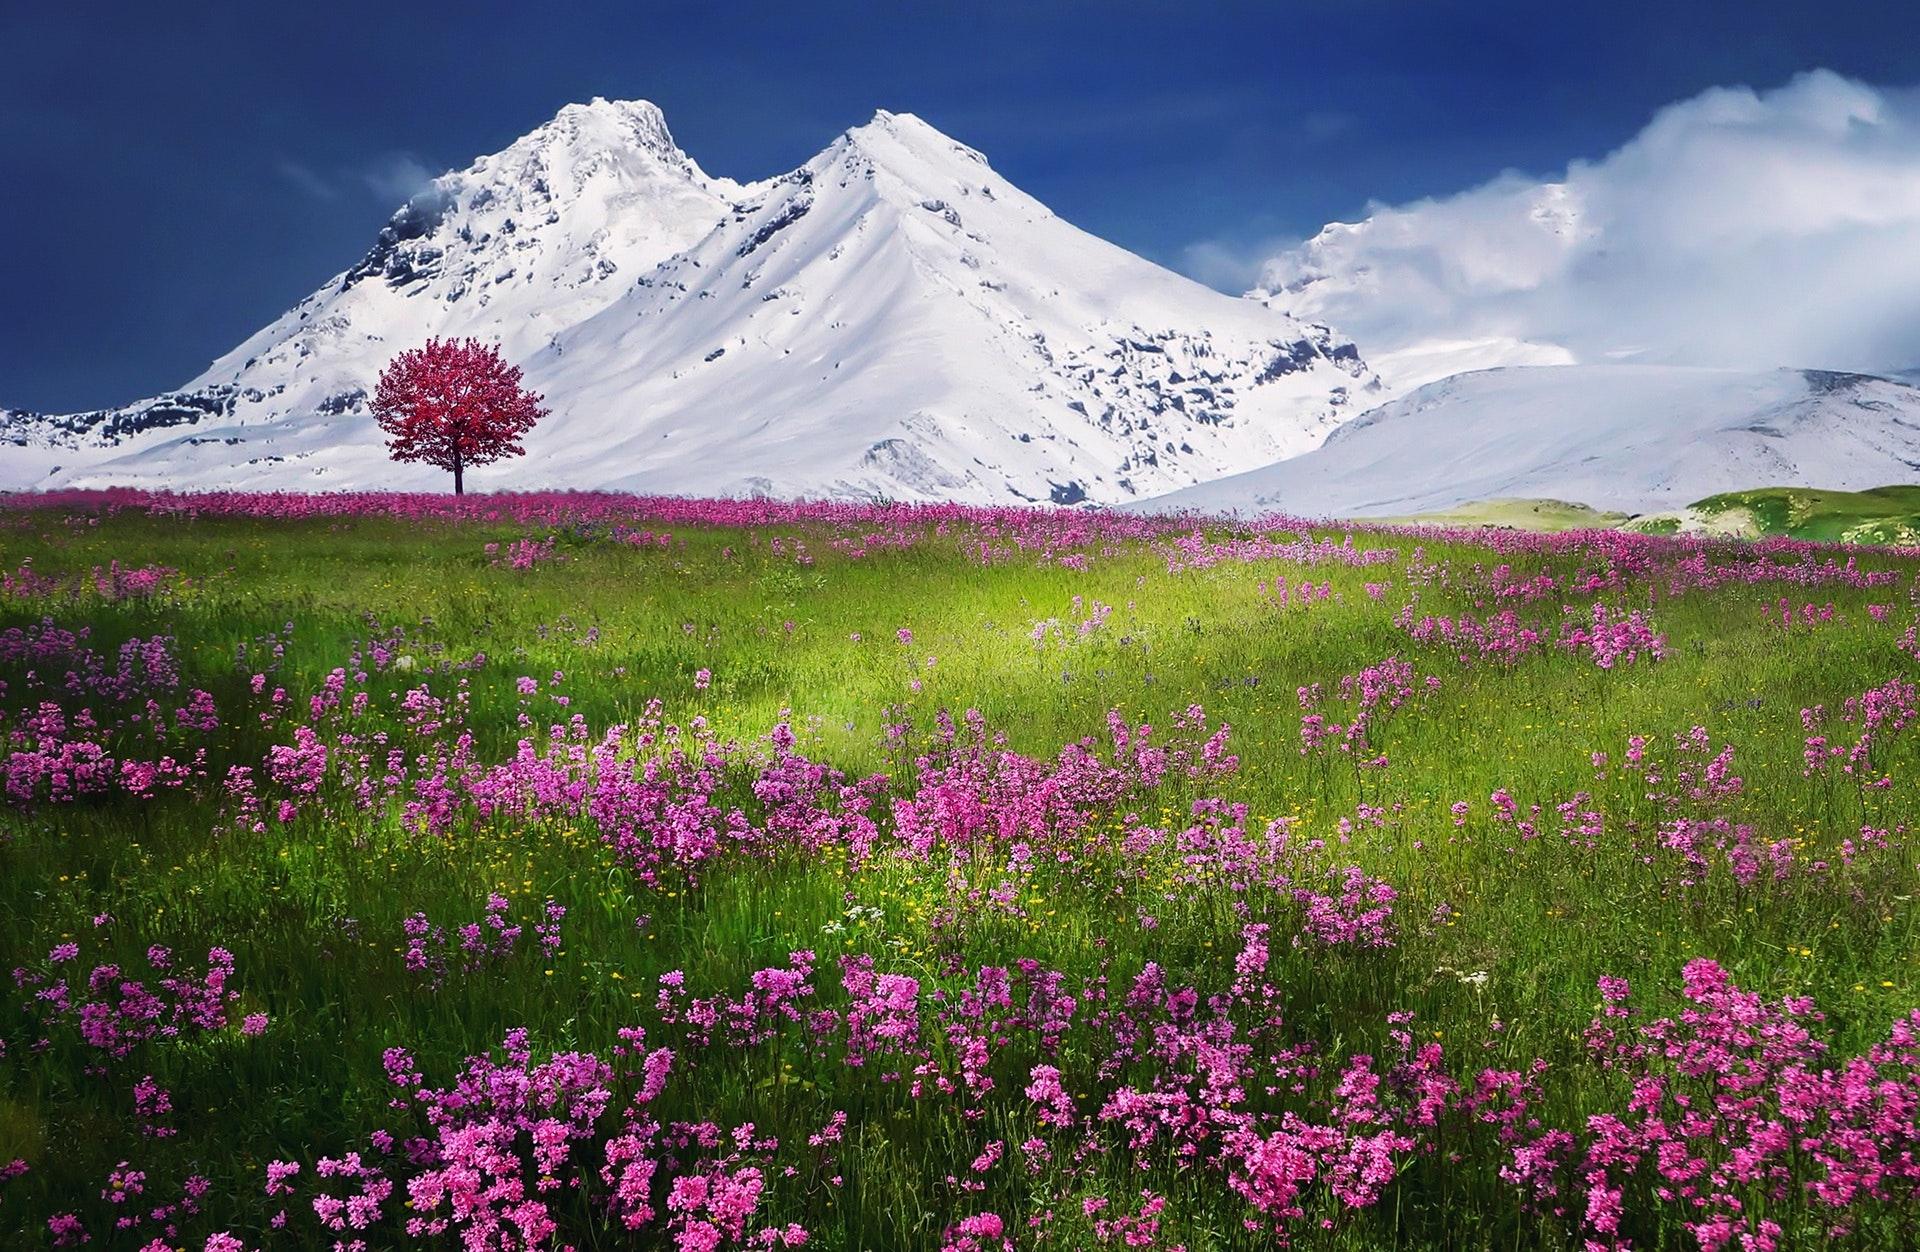 1000+ Beautiful Natural Photos Pexels · Free Stock Photos